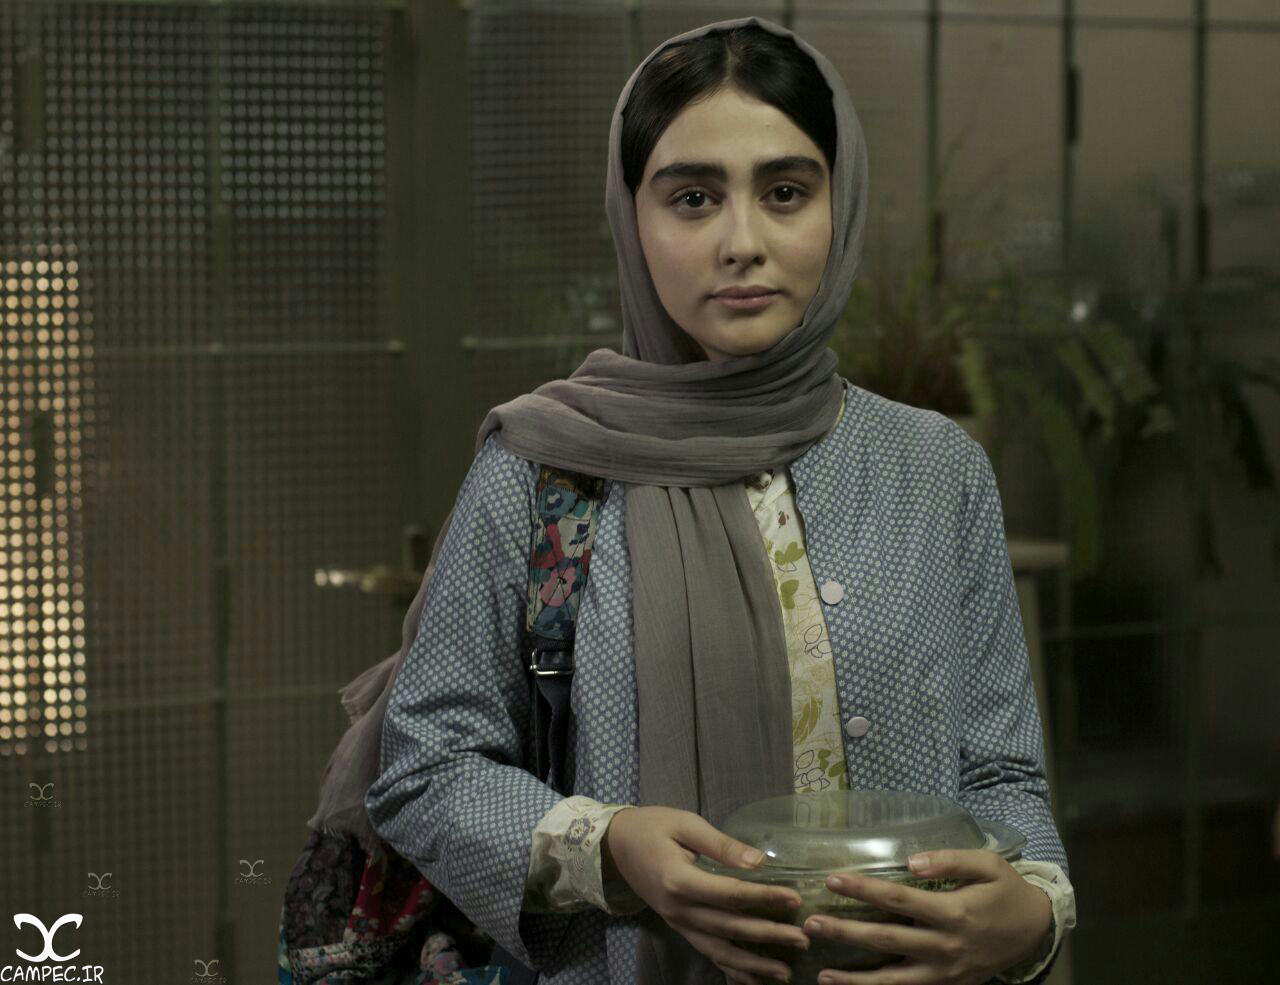 ستاره حسینی در فیلم وارونگی